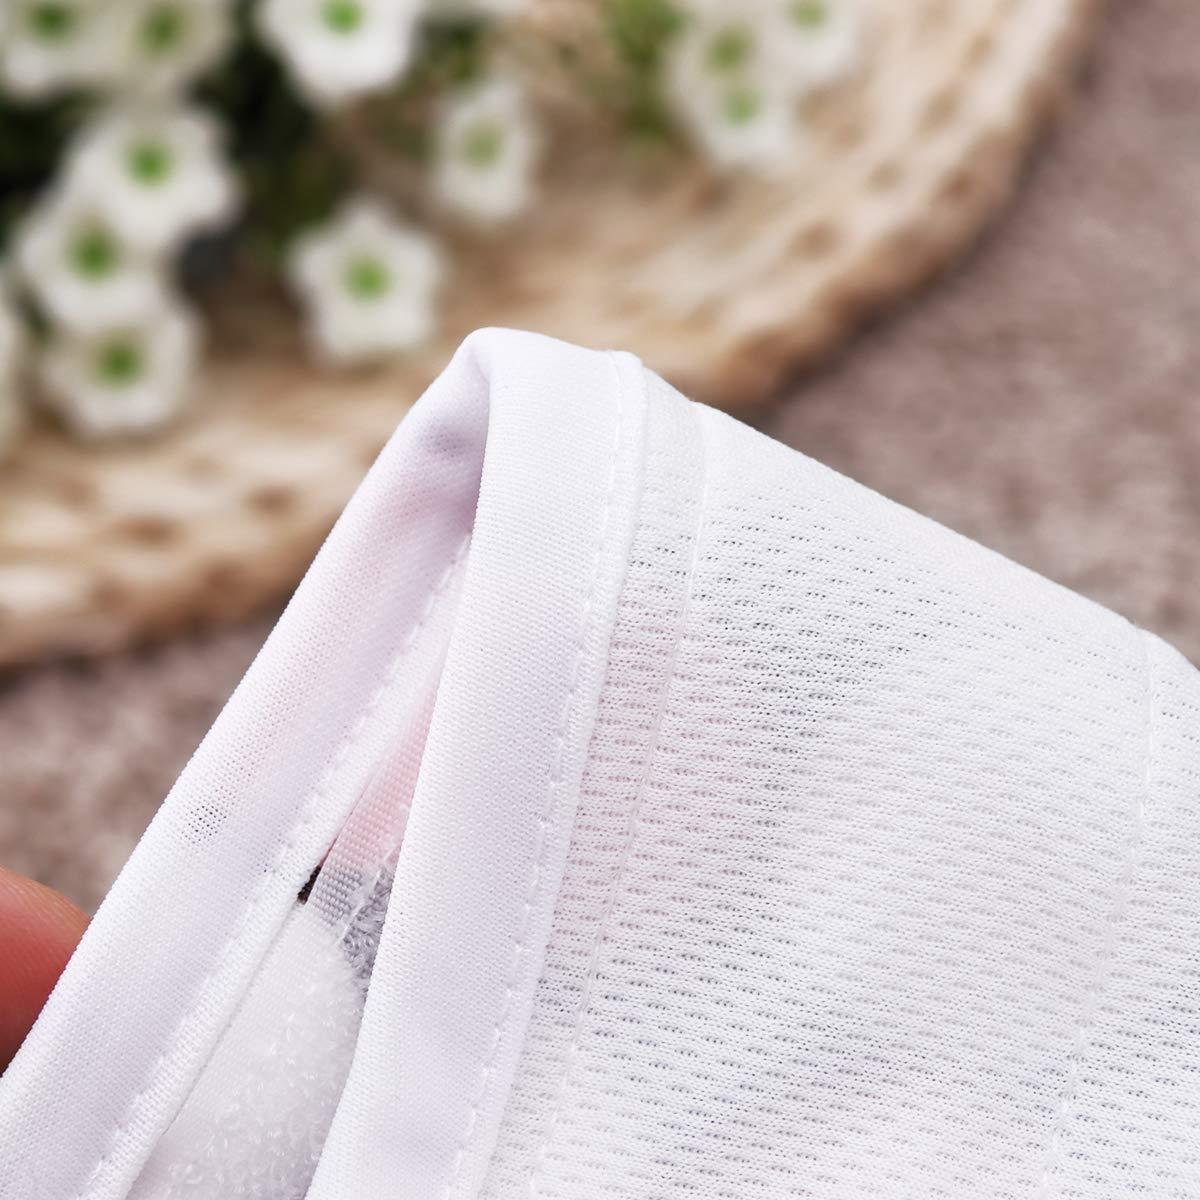 UEETEK Female Pet Dog Puppy Hygiene Diaper Pants Washable Reusable Nappy Pants Size S 2PCS Rose Red